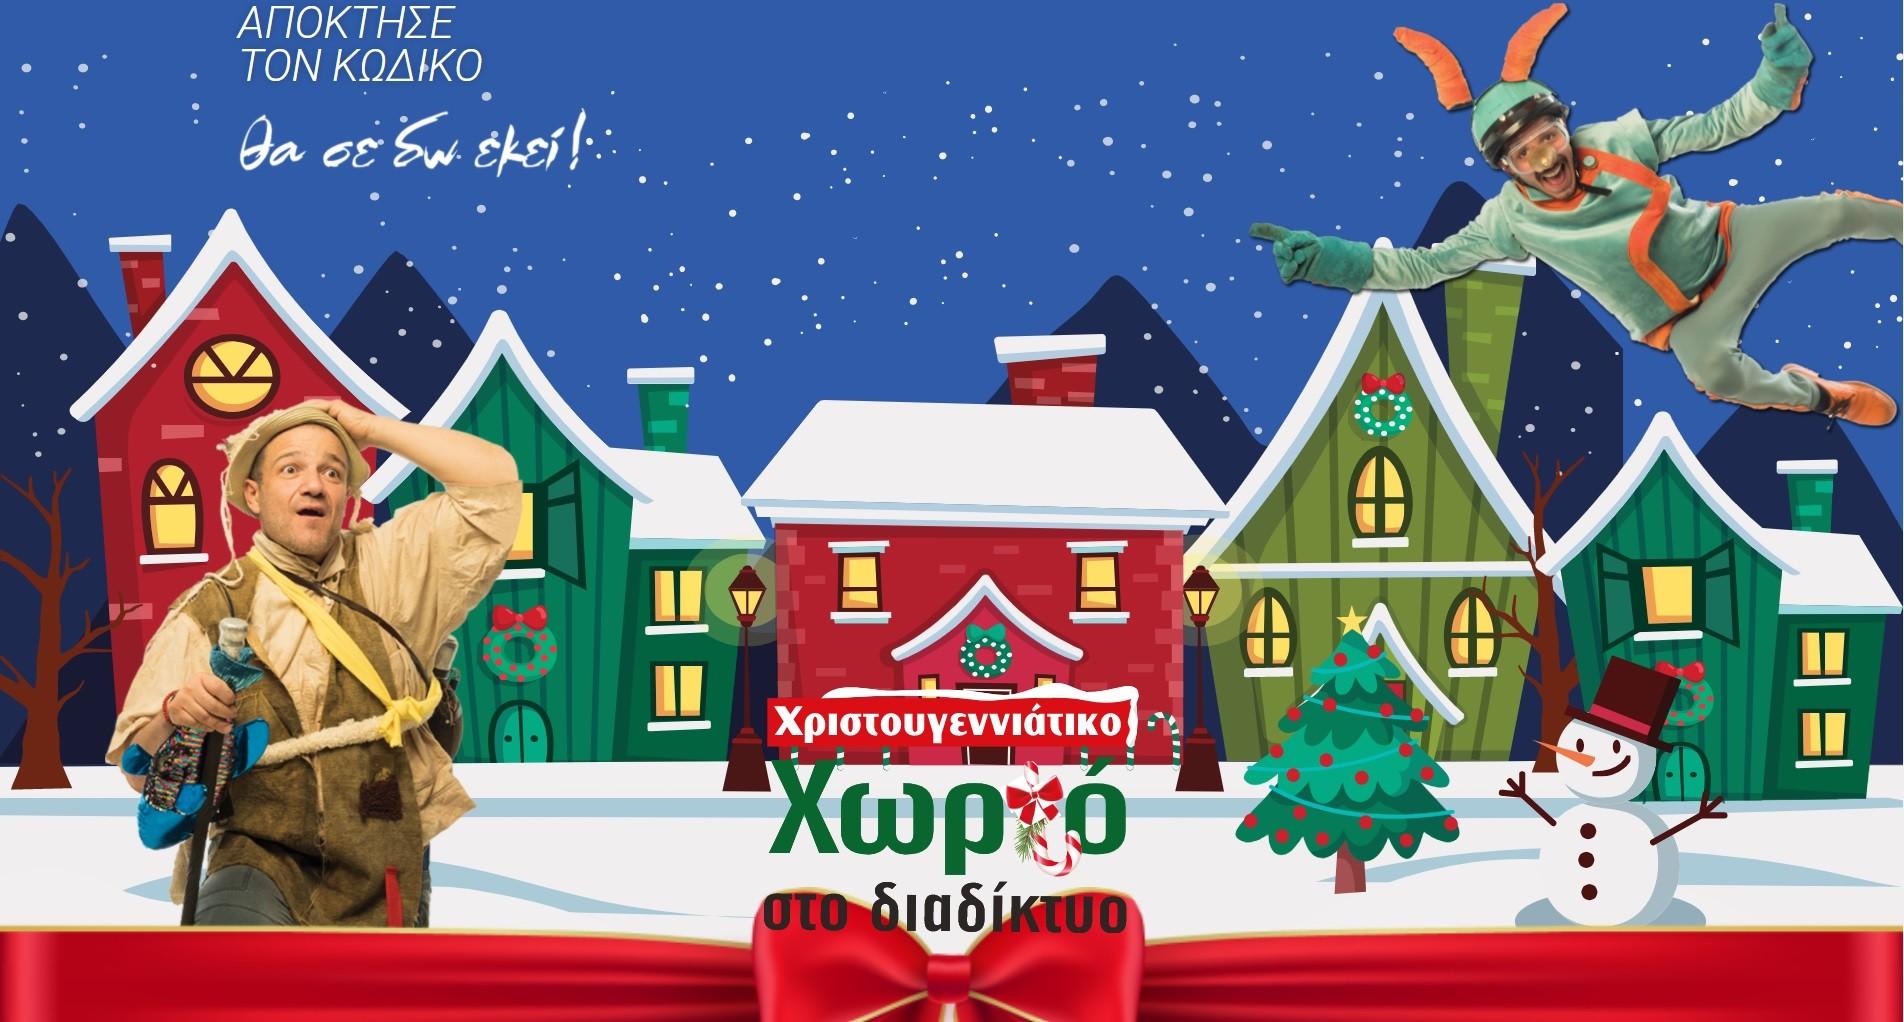 Φέτος τα Παιδιά έχουν το δικό τους Χριστουγεννιάτικο Online Χωριό!